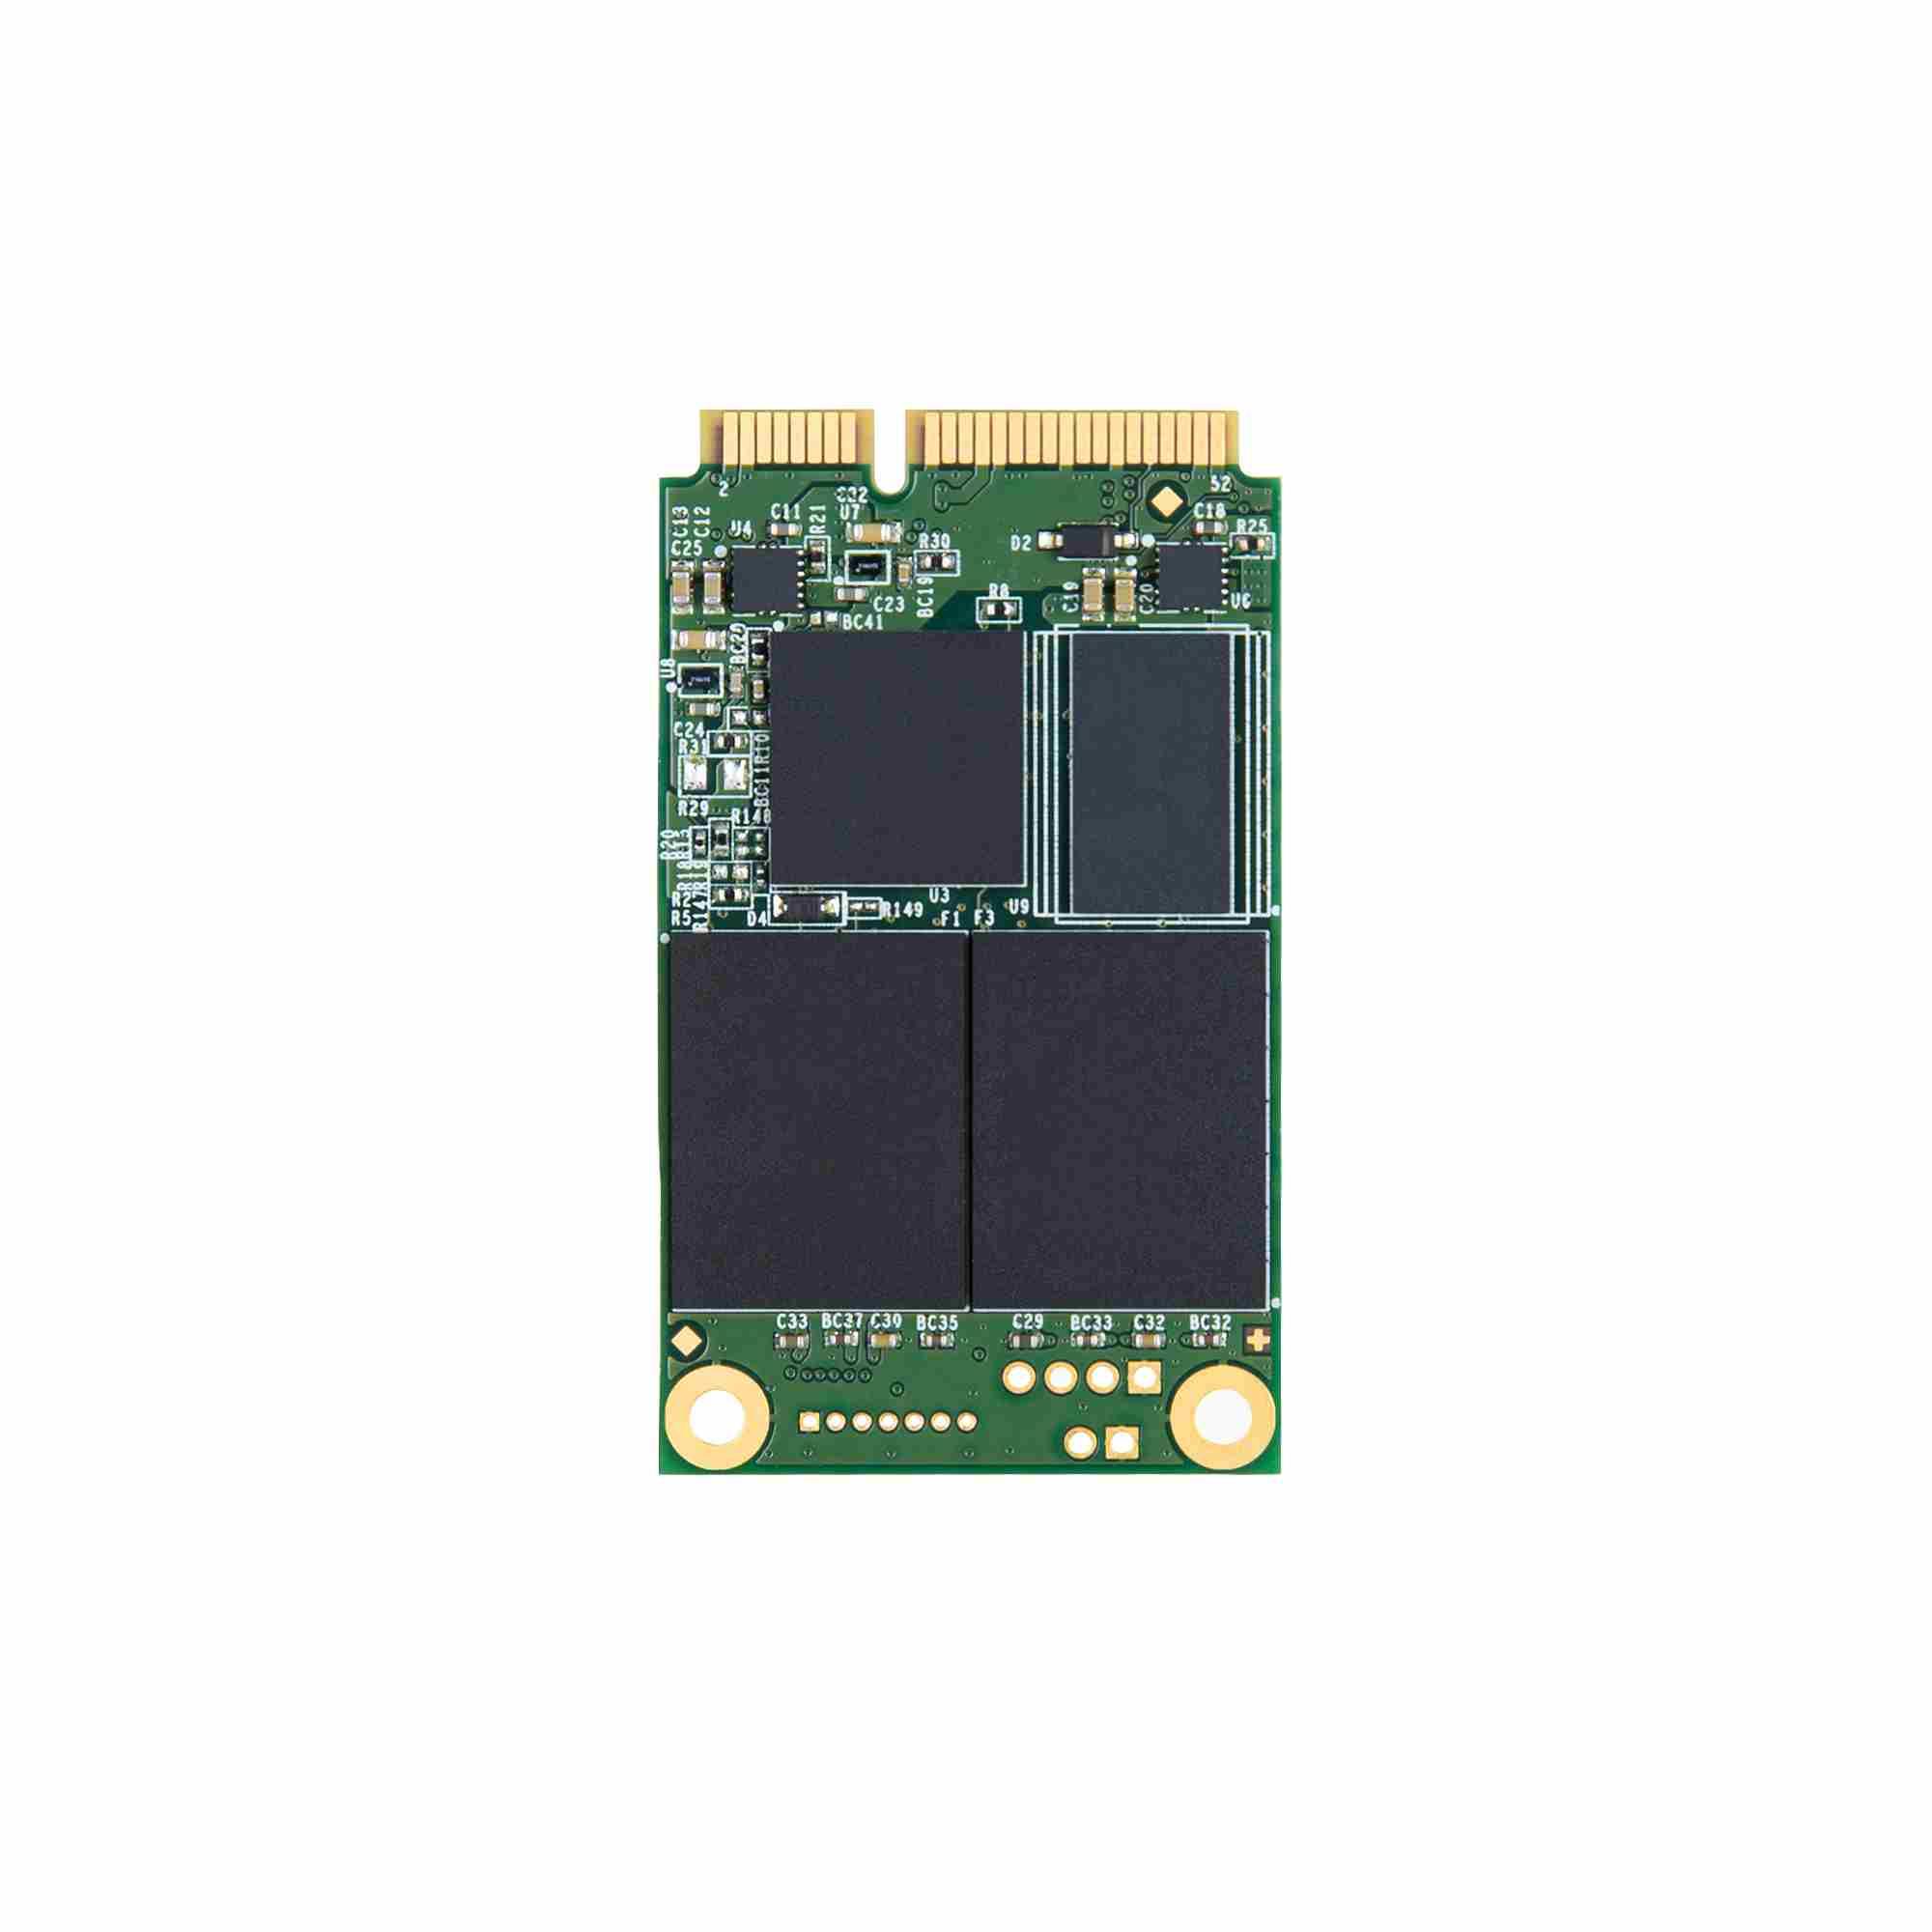 TRANSCEND Industrial SSD MSA370, 32GB, SATA III 6G mSATA, MLC (TS32GMSA370)